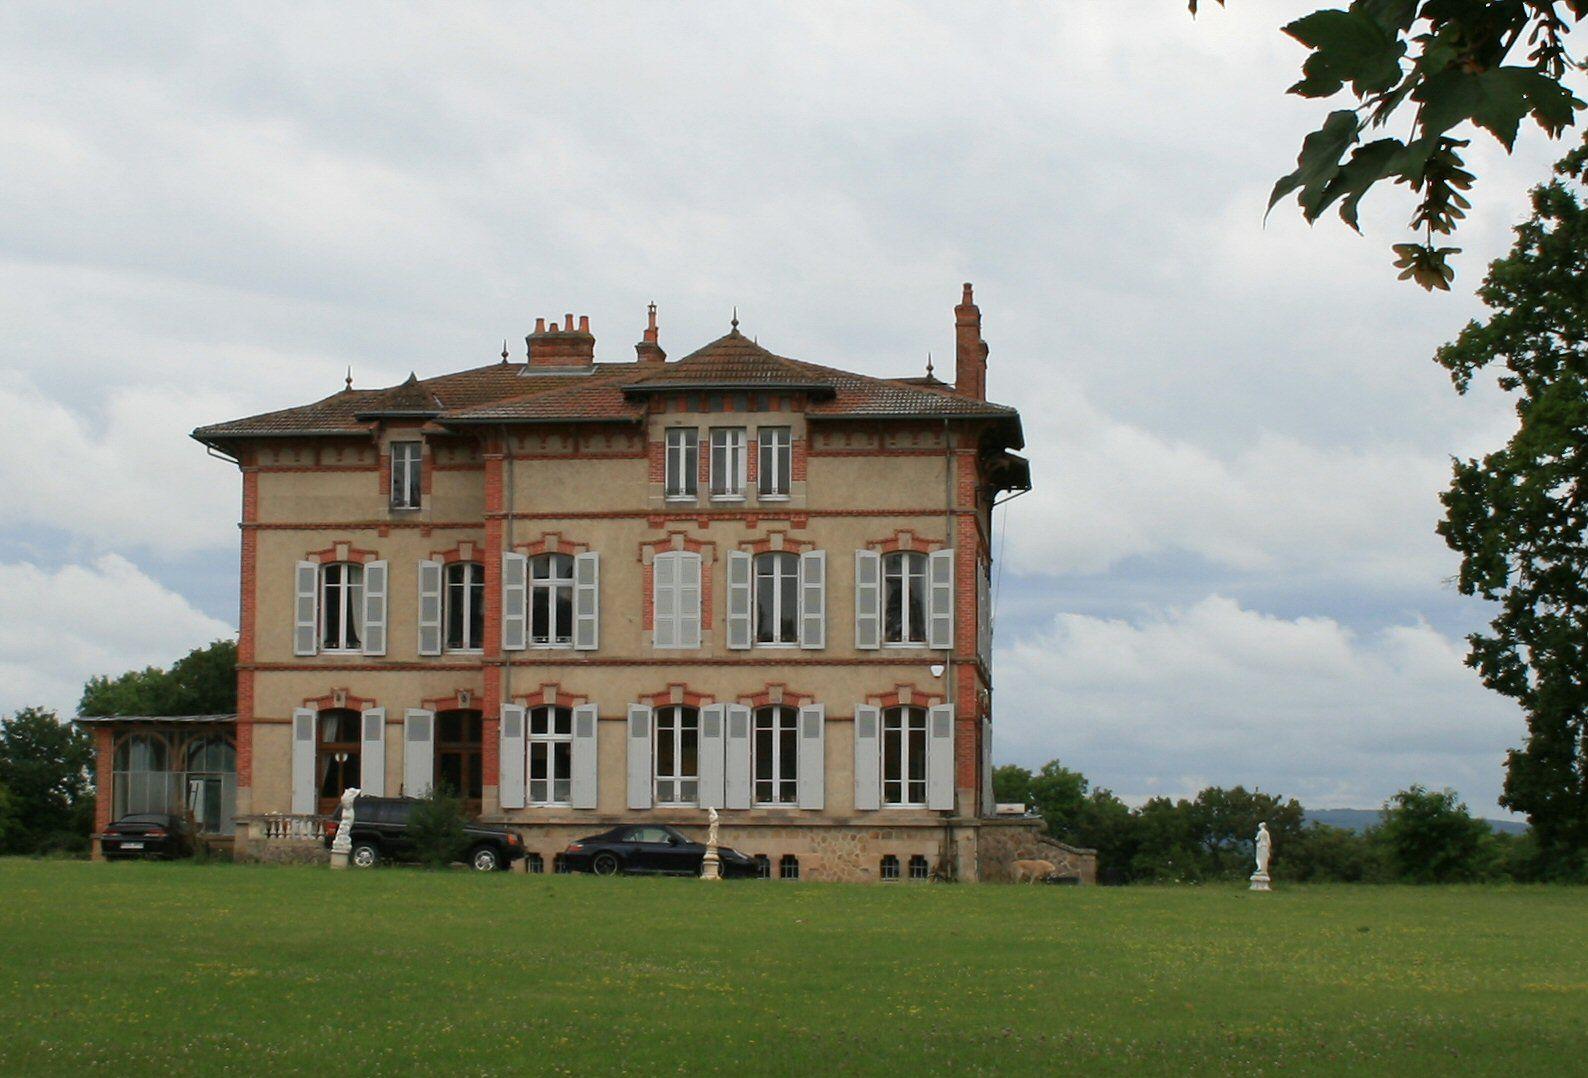 Chateau des Echardons, Auvergne, France